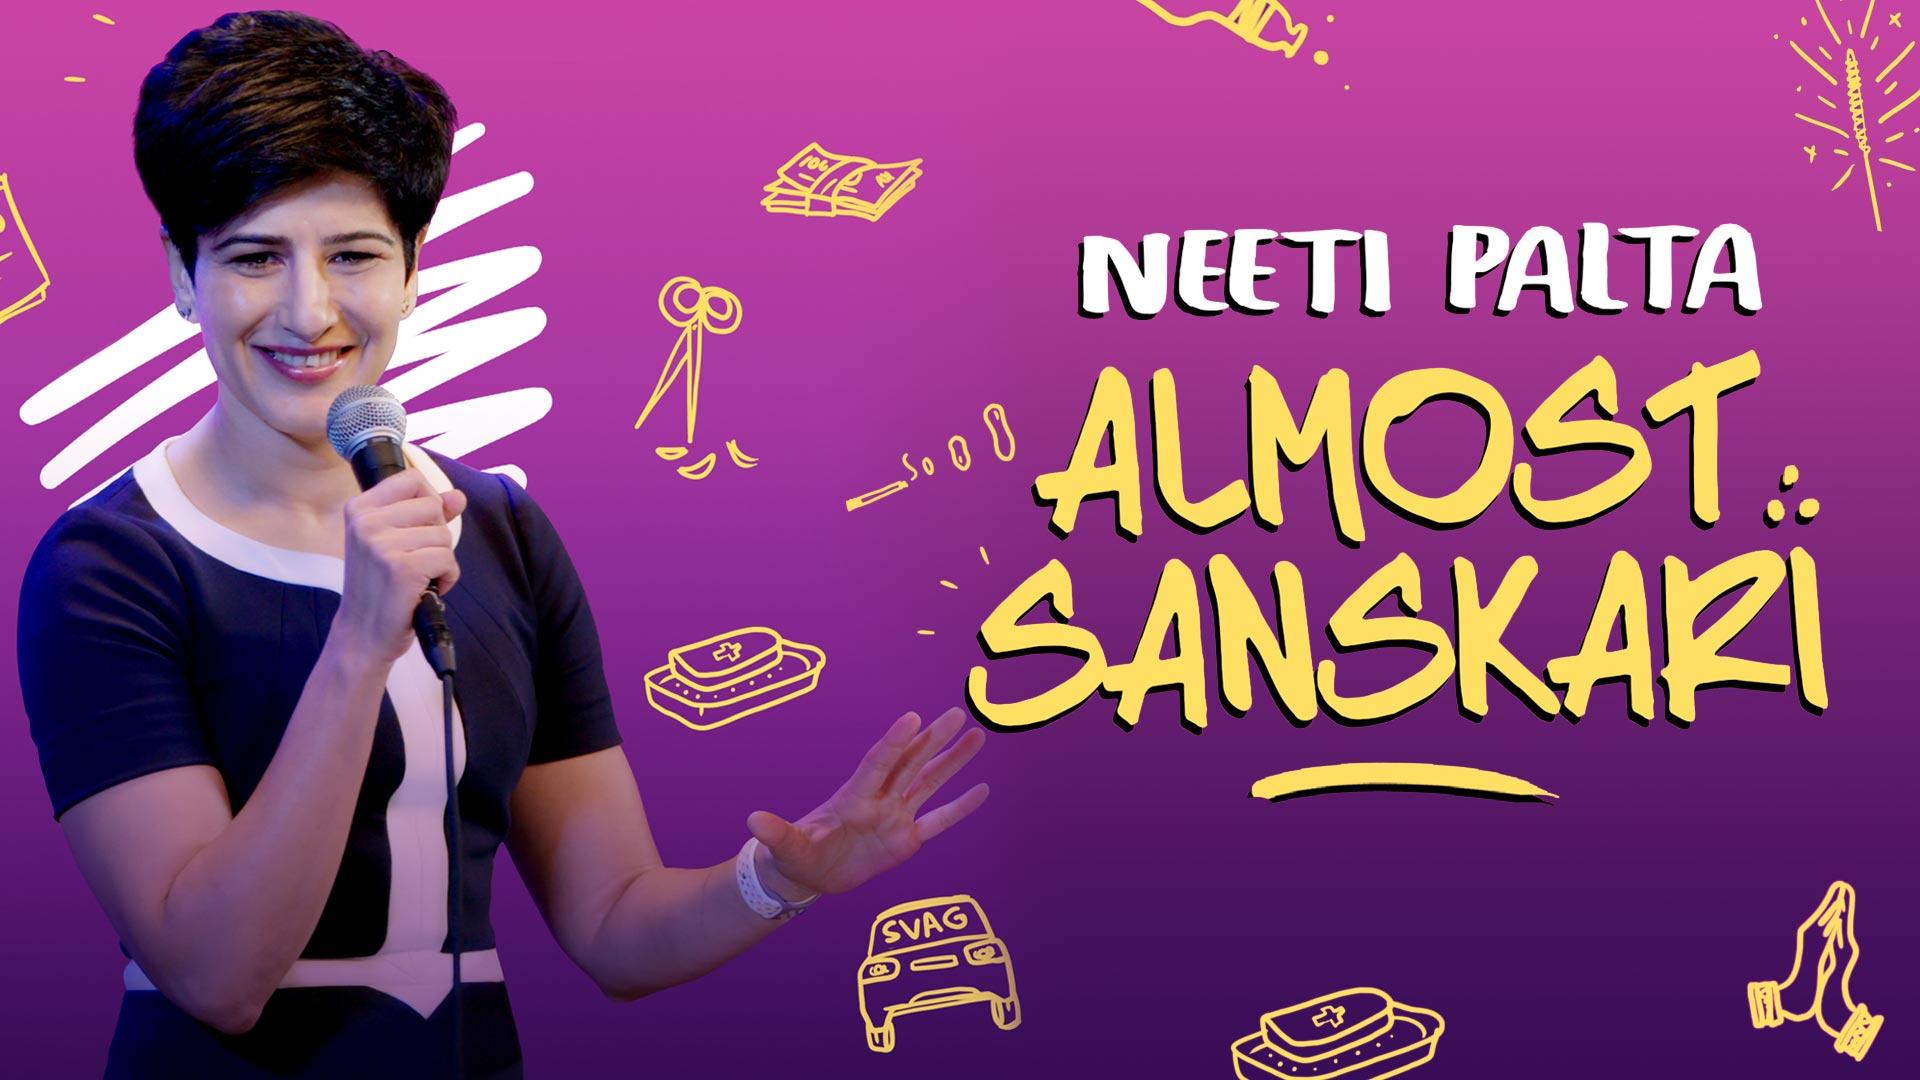 Neeti Palta - Almost Sanskari